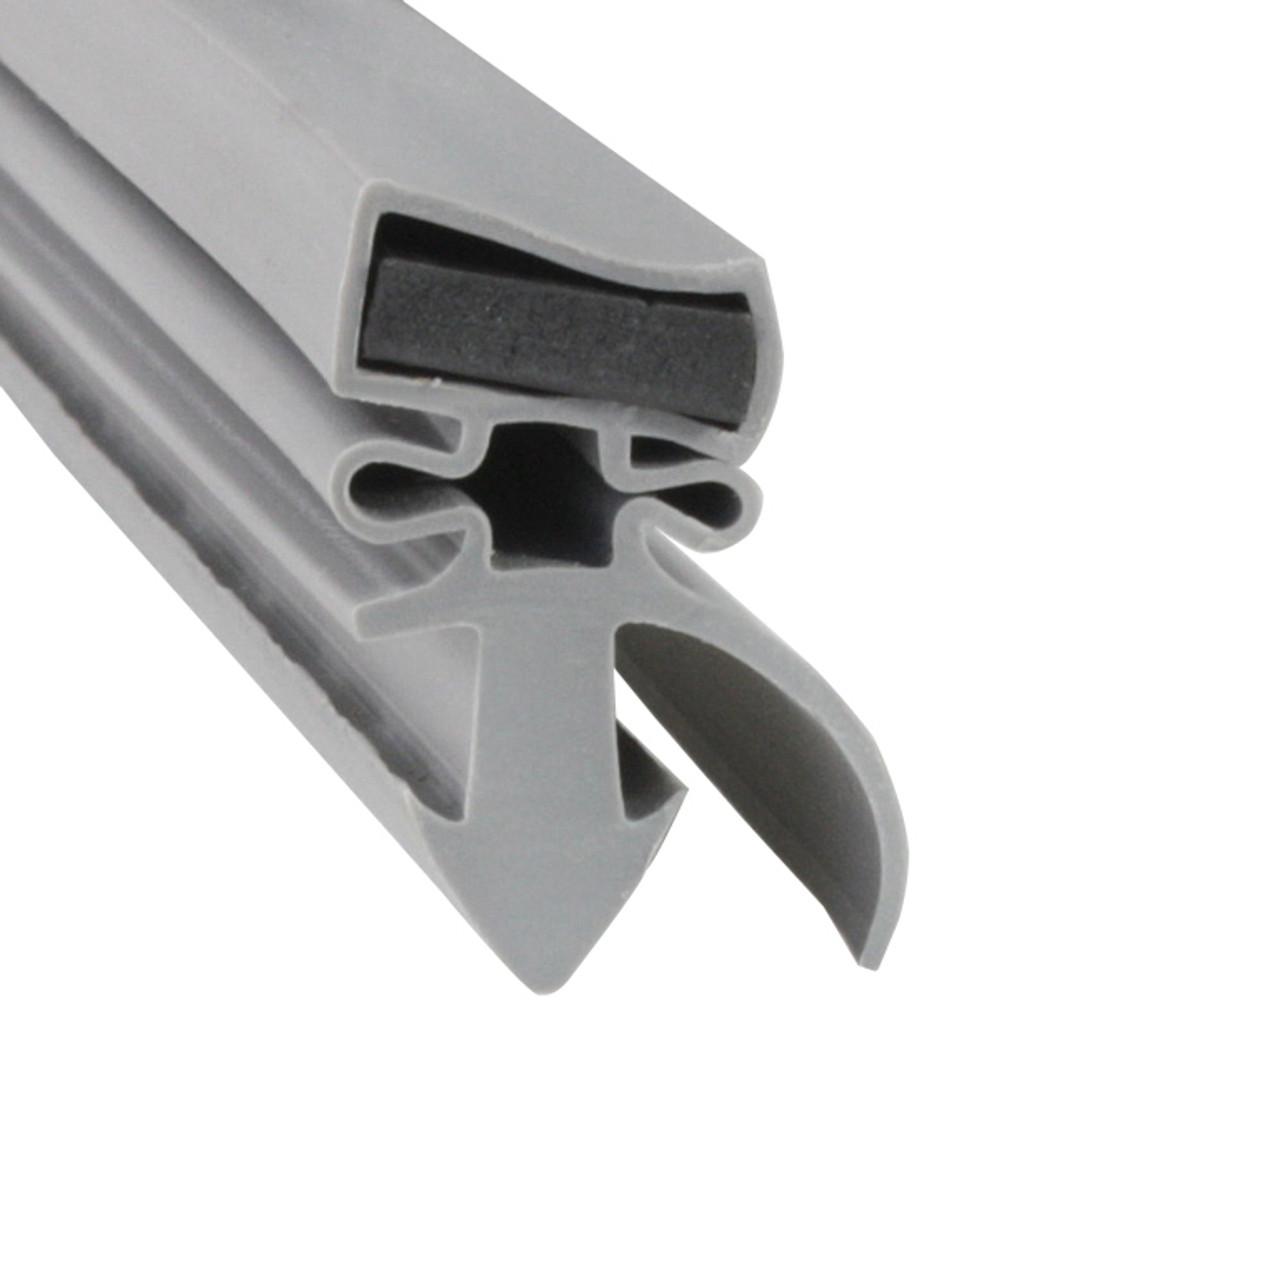 Silver-King-Cooler-and-Freezer-Door-Gasket-23-1-8-x-27-1-8